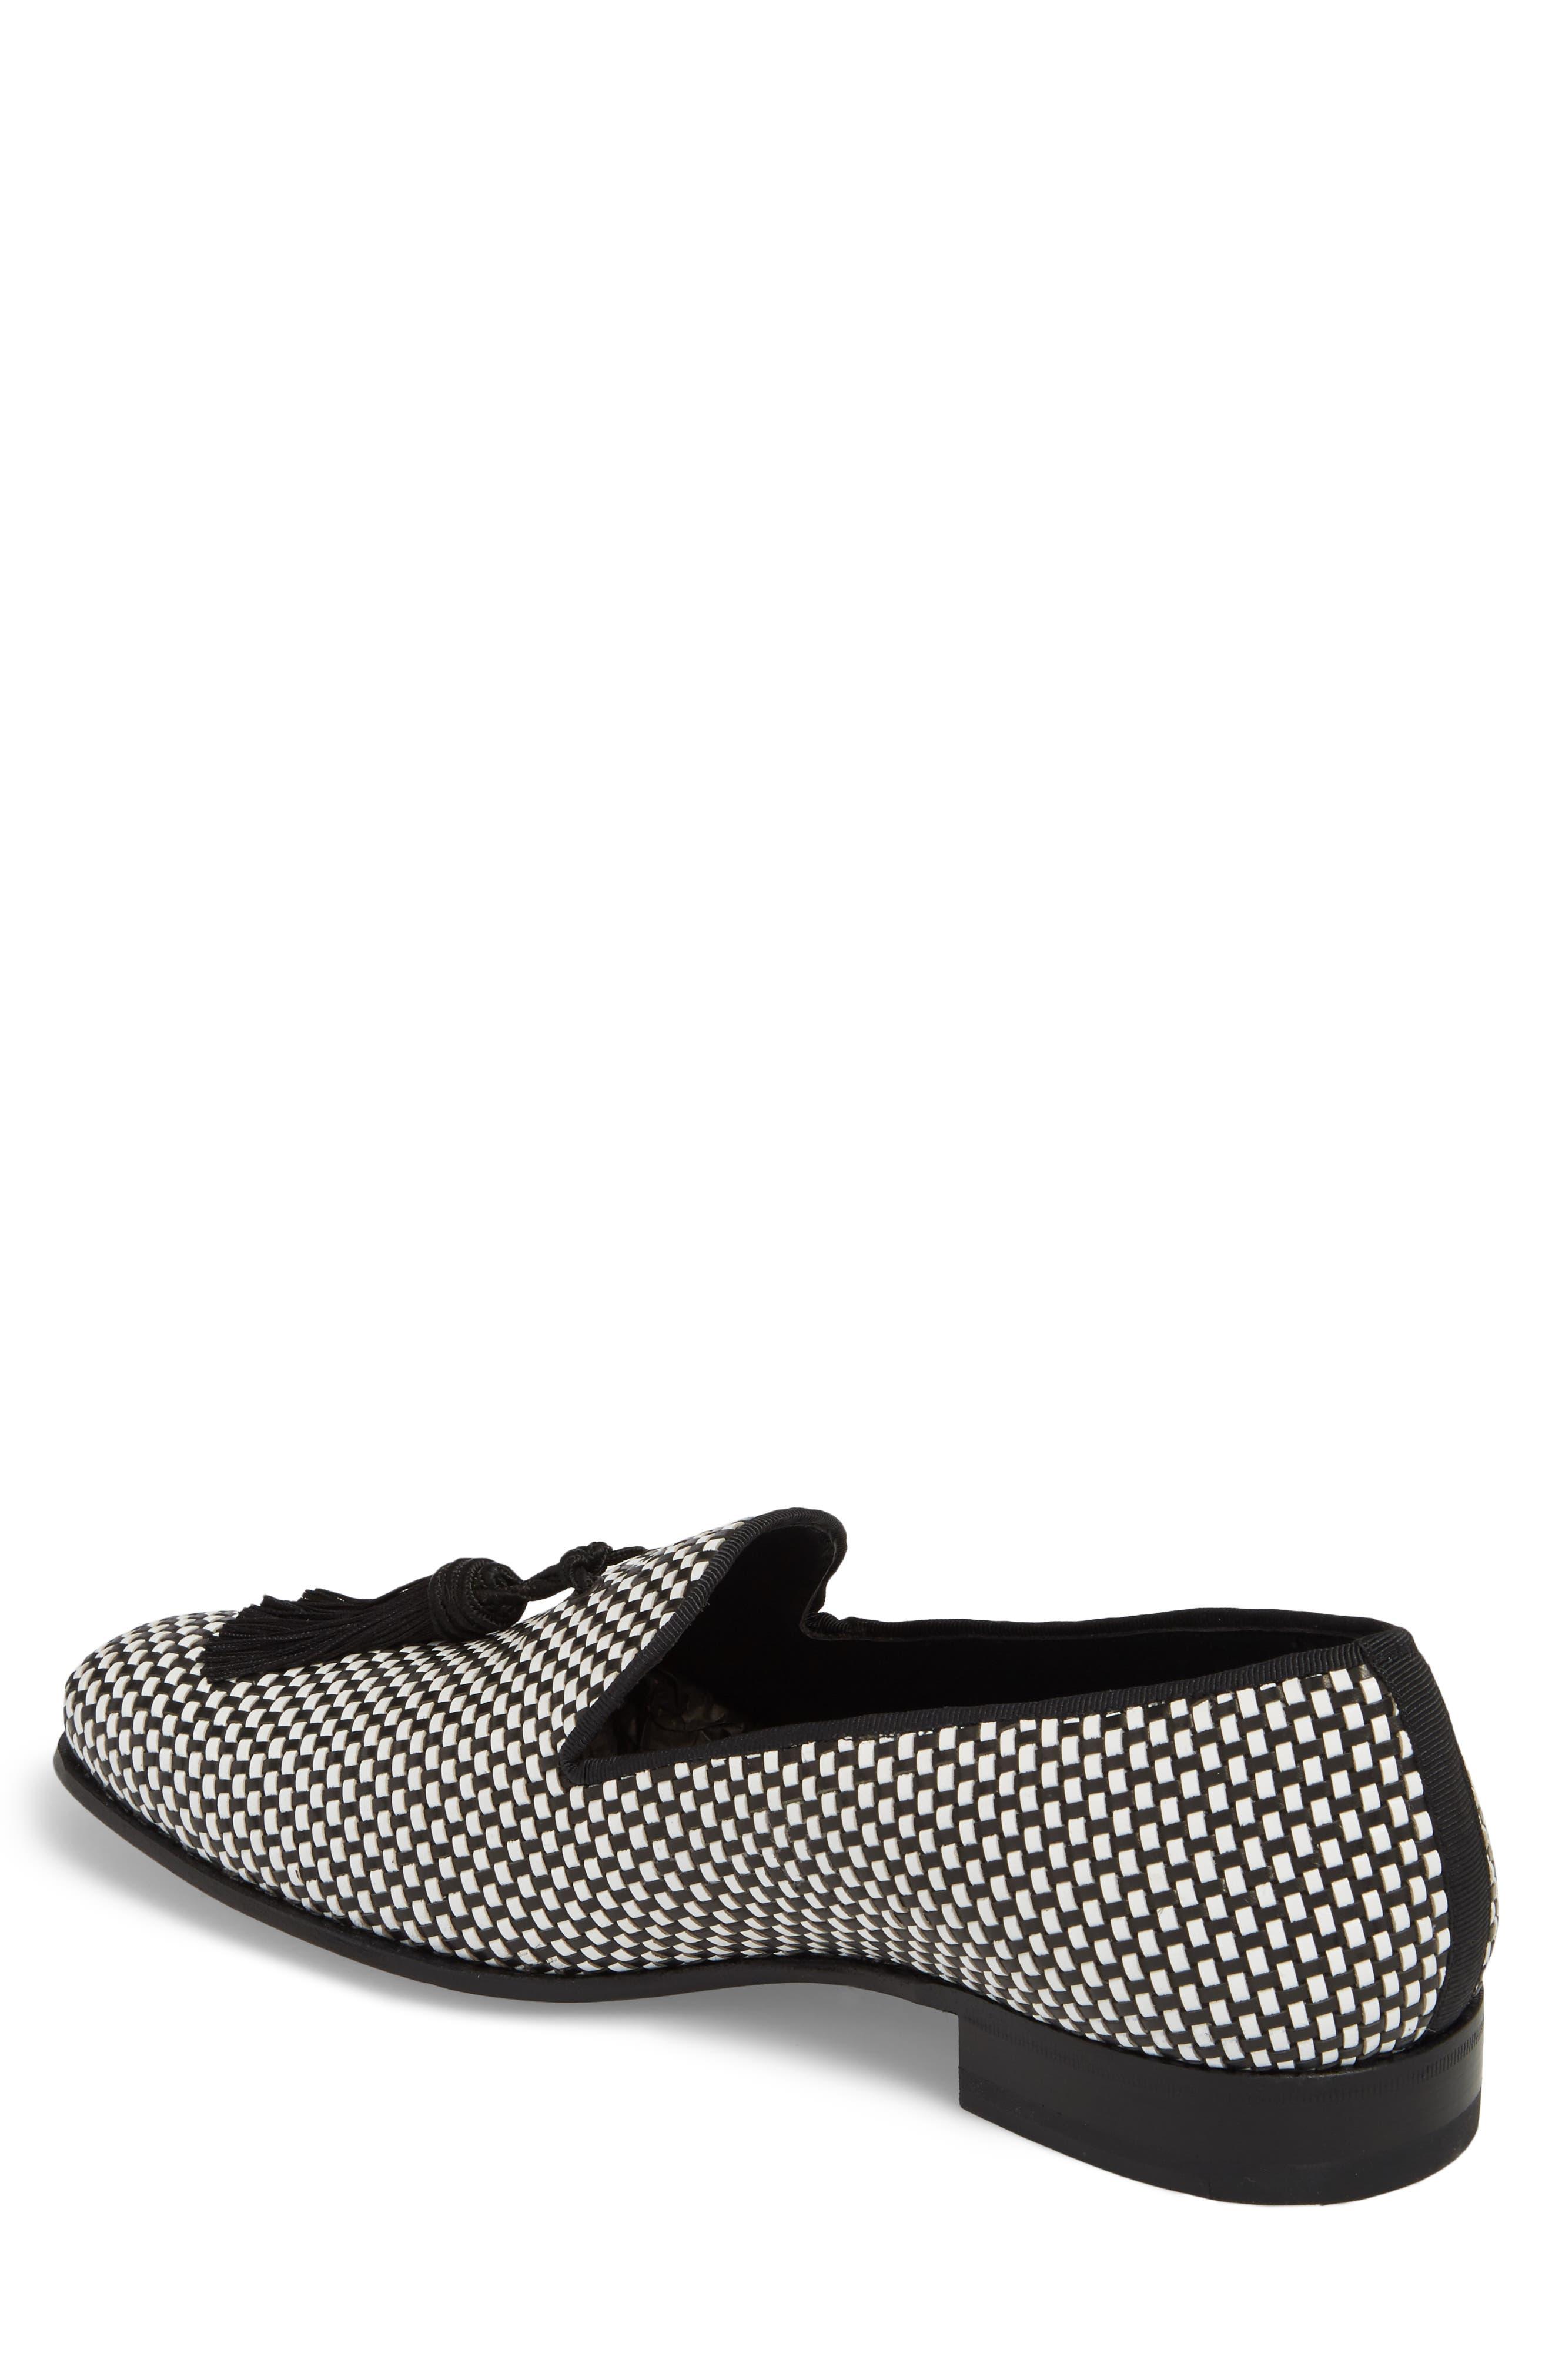 Egeo Tassel Loafer,                             Alternate thumbnail 2, color,                             Black/ White Leather